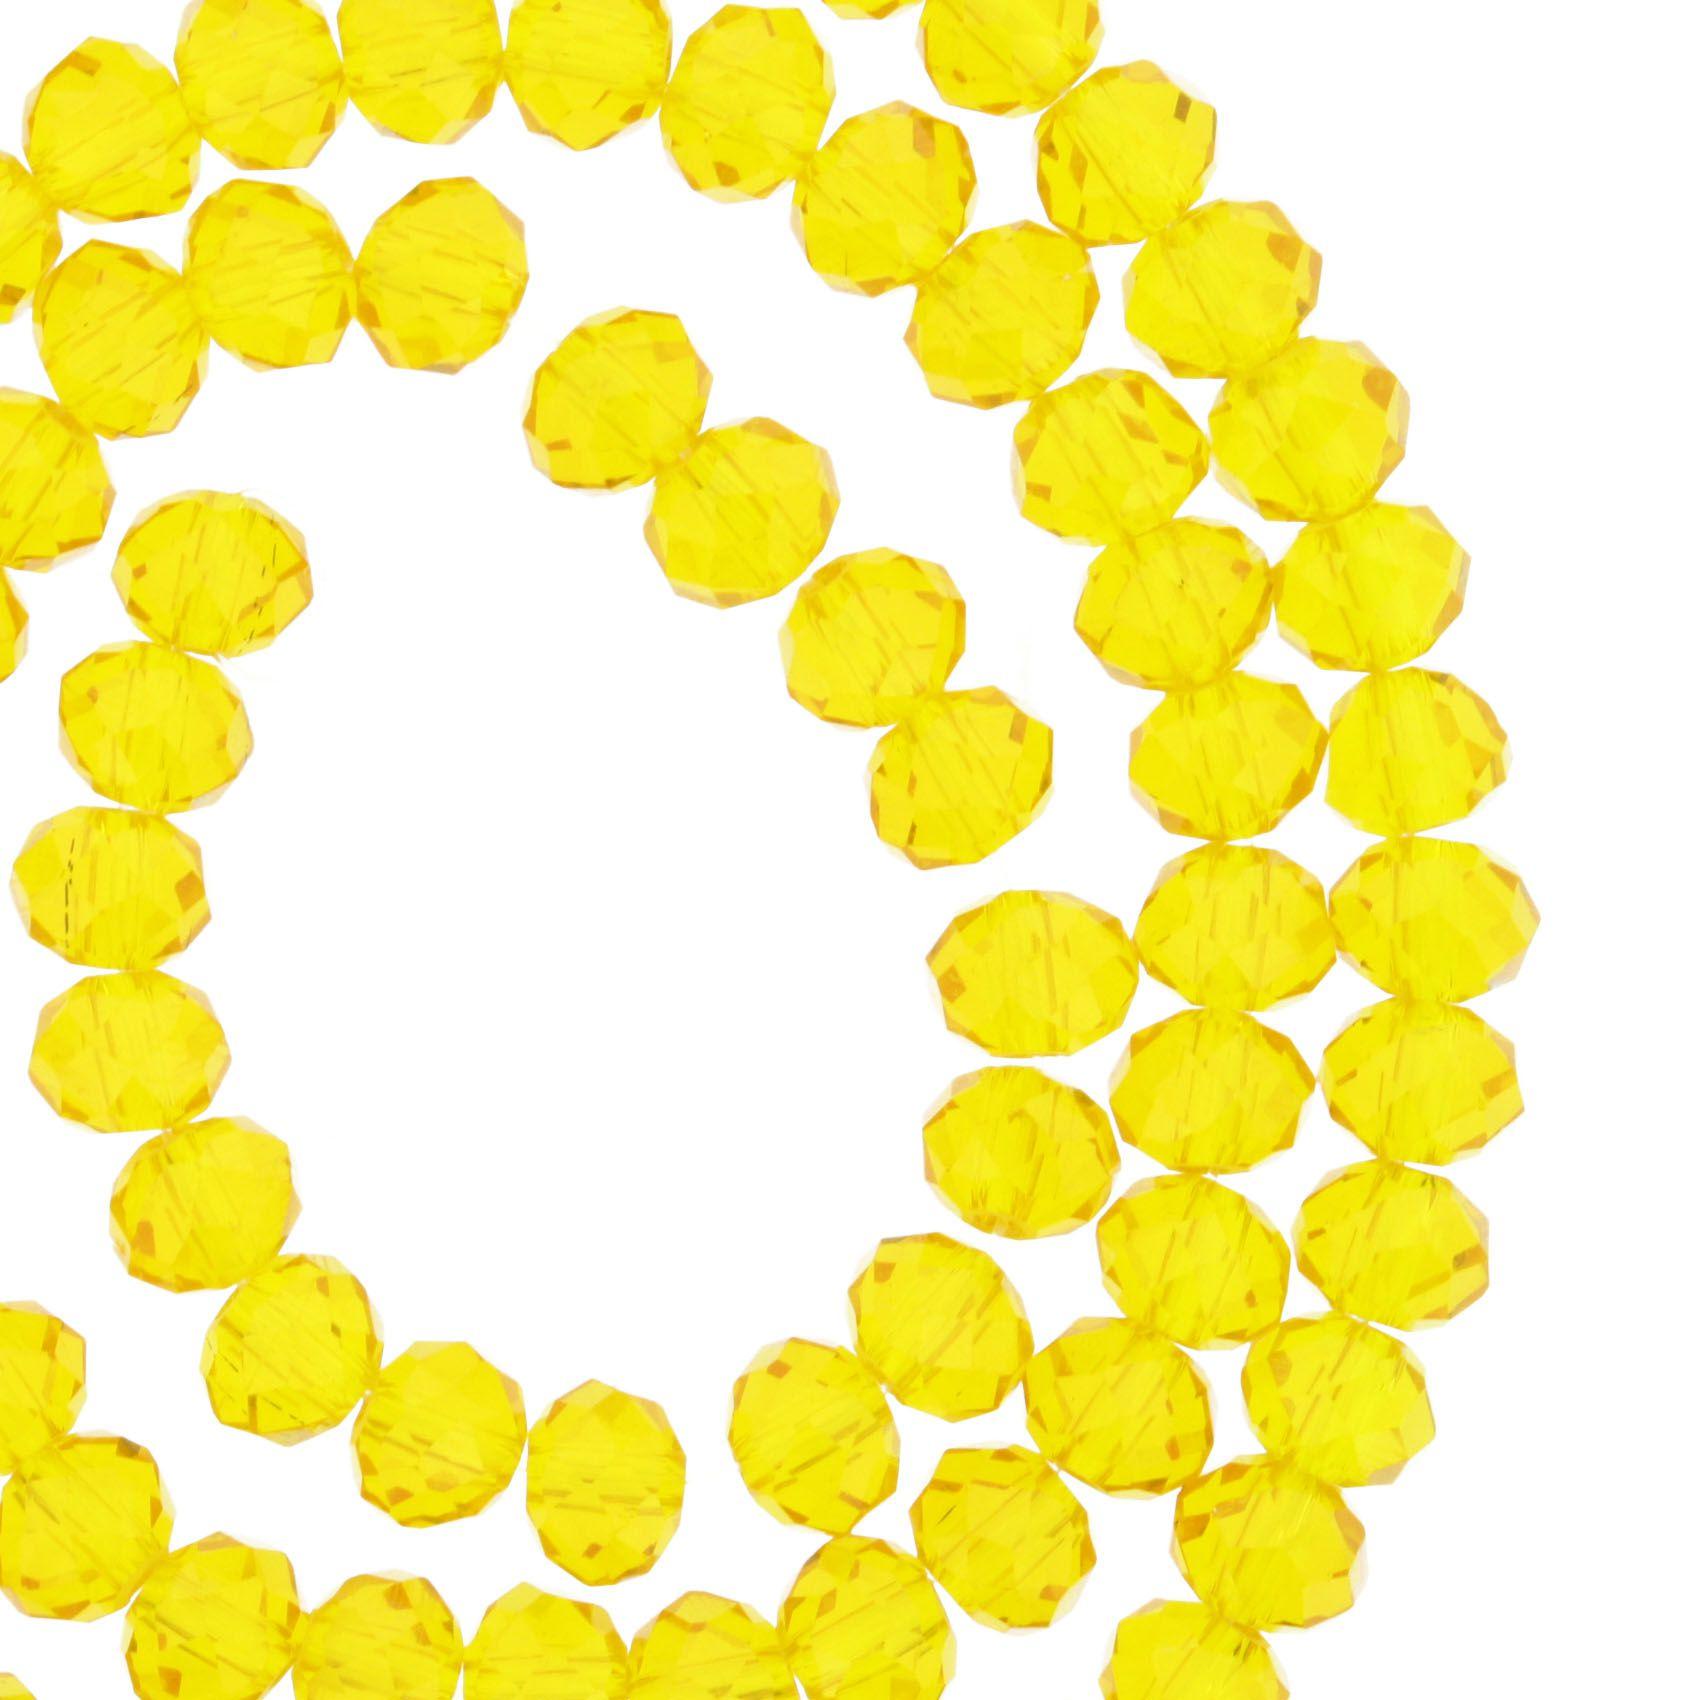 Fio de Cristal - Flat® - Amarelo Transparente - 6mm  - Stéphanie Bijoux® - Peças para Bijuterias e Artesanato